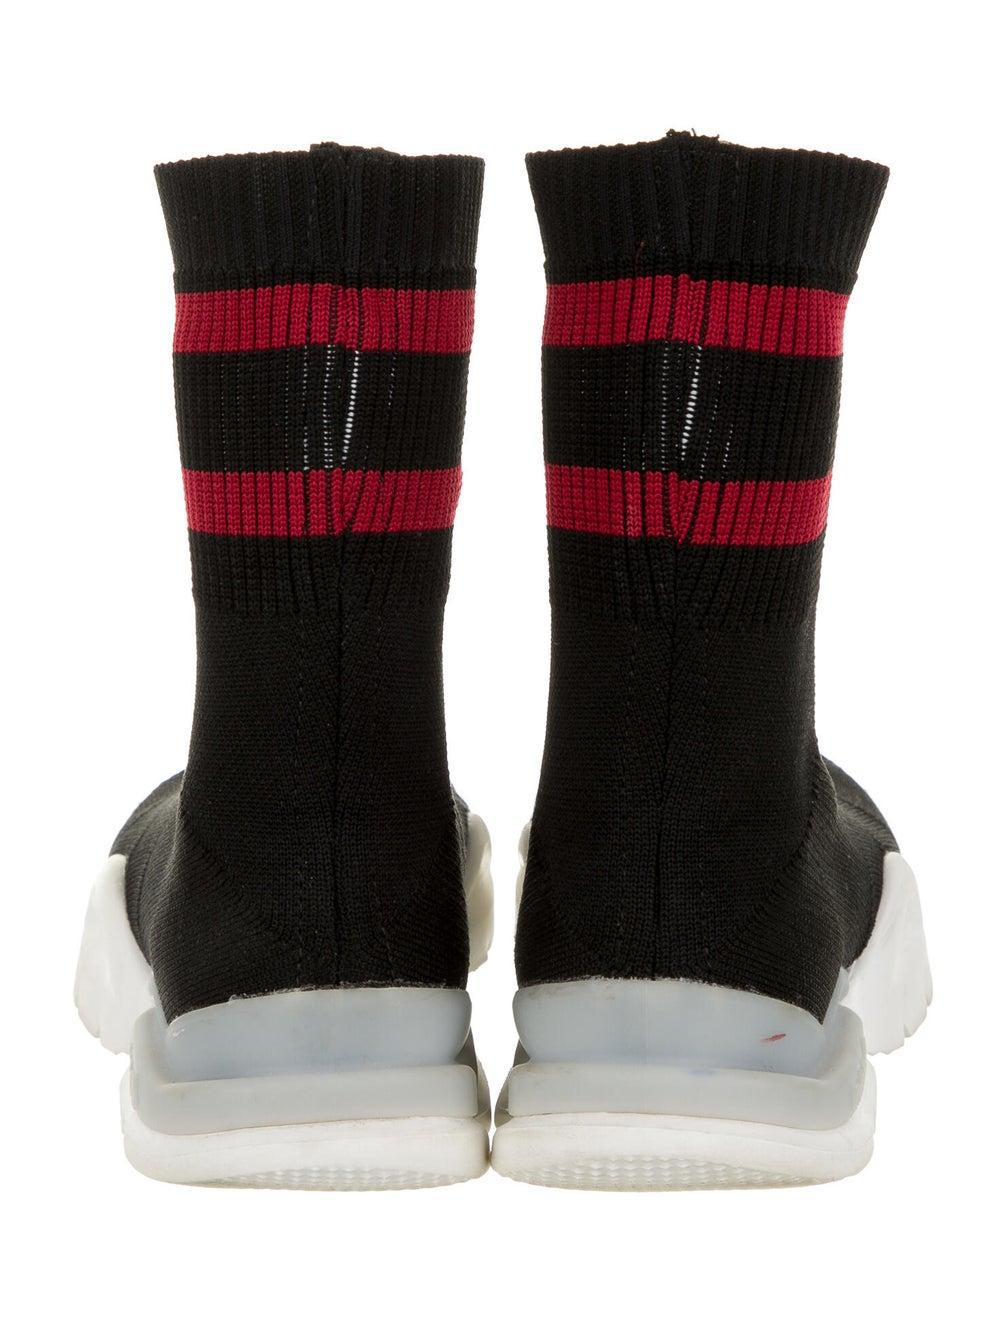 Vetements x Reebok Pump Sock Sneakers Black - image 4